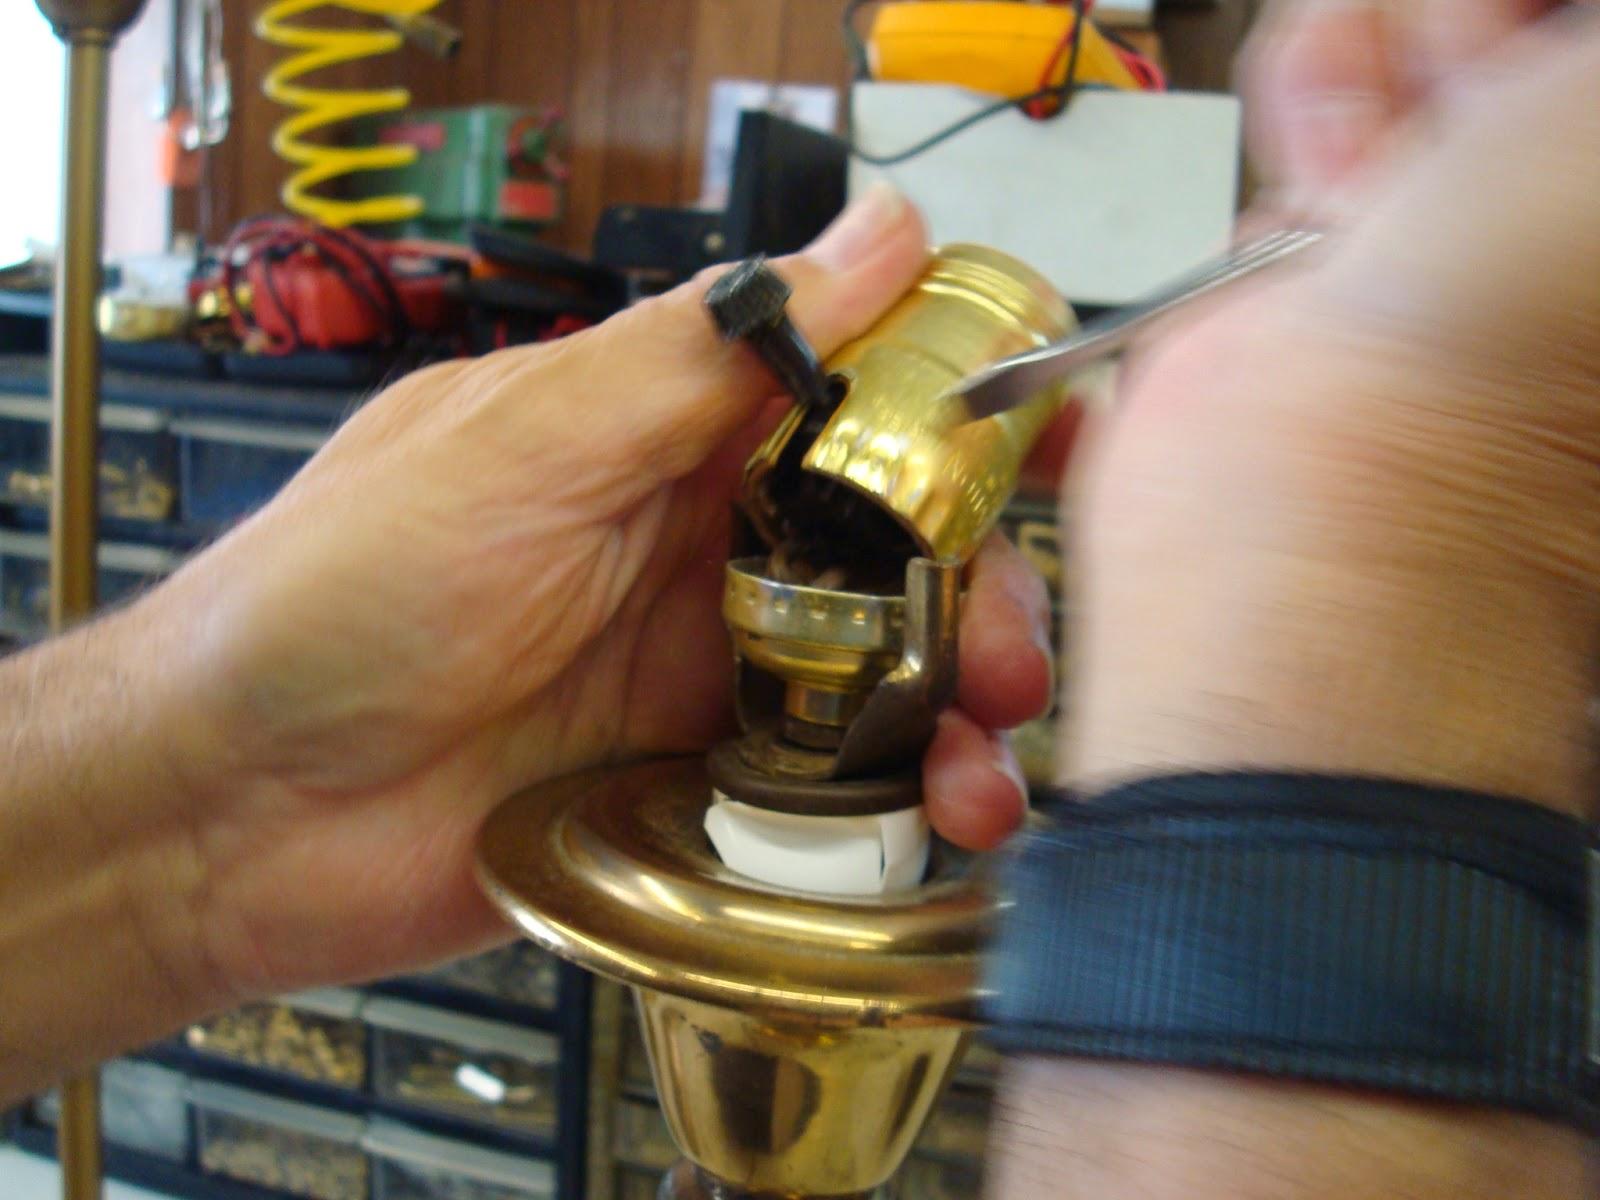 Lamp Parts and Repair  Lamp Doctor: Tighten Table Lamp Body